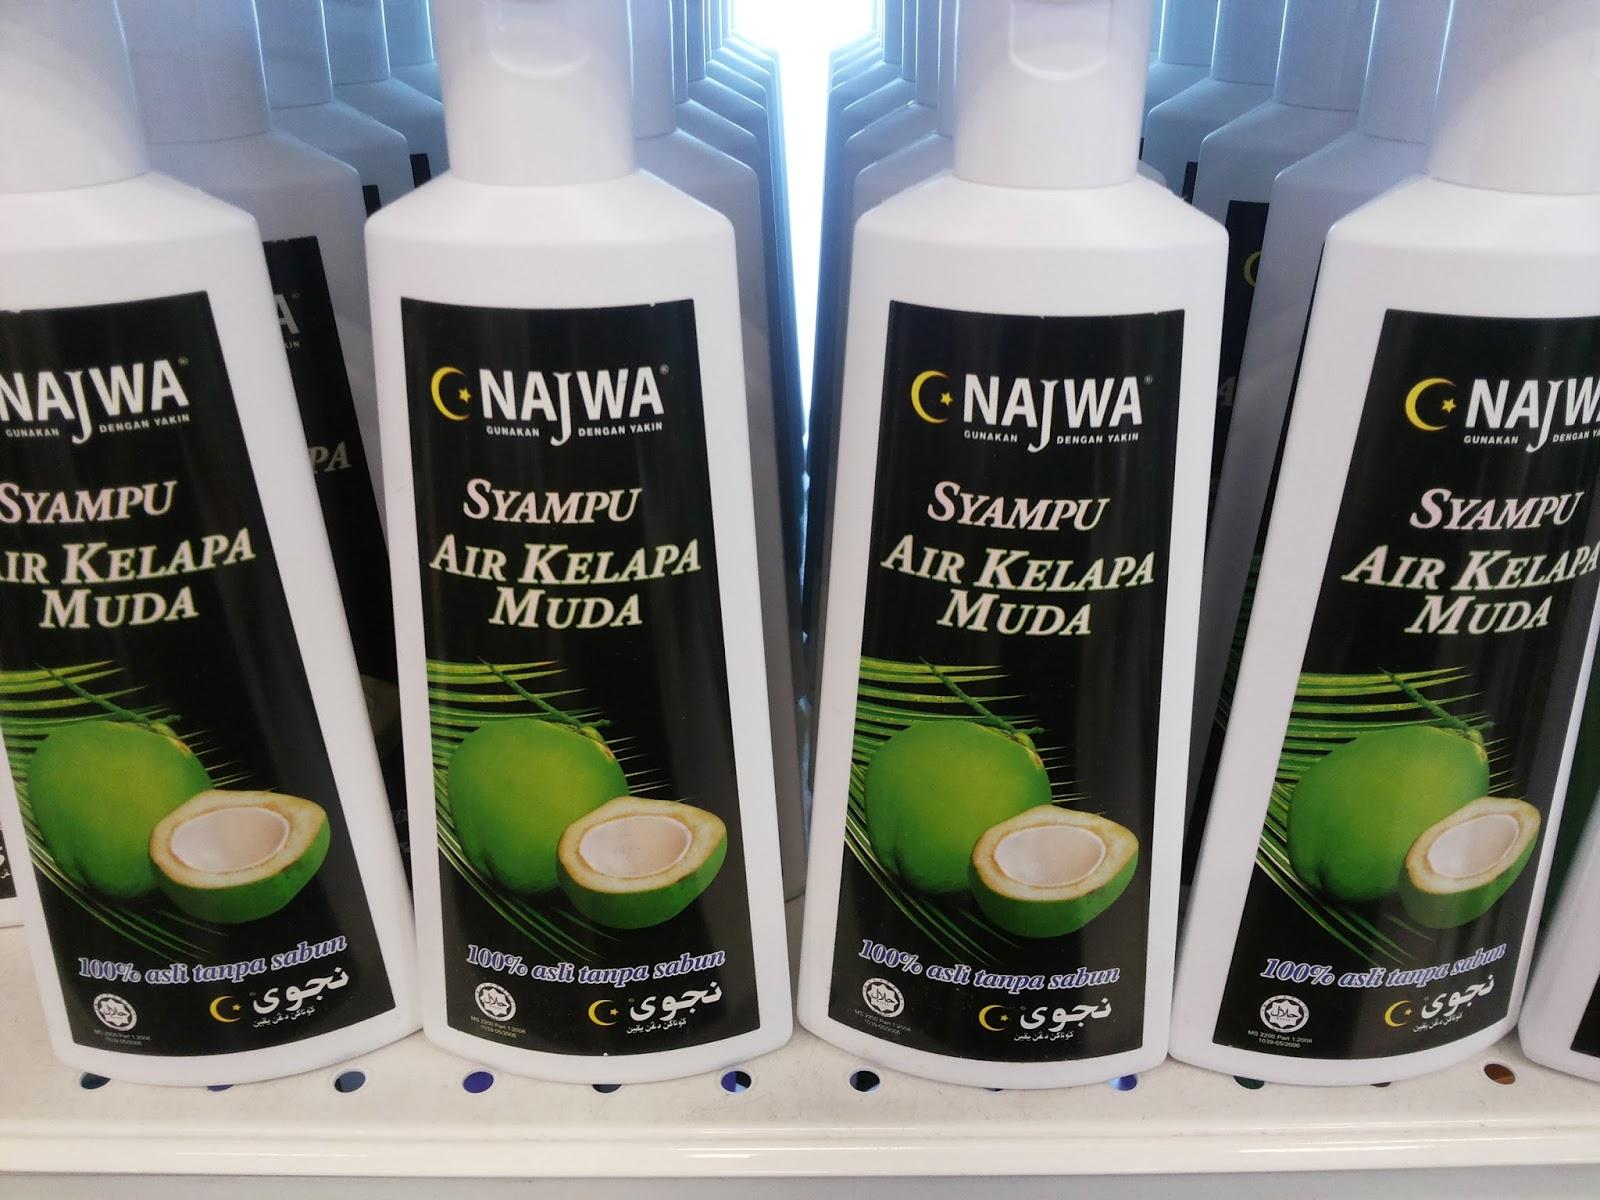 Syampo Dari Minyak Kelapa Dara